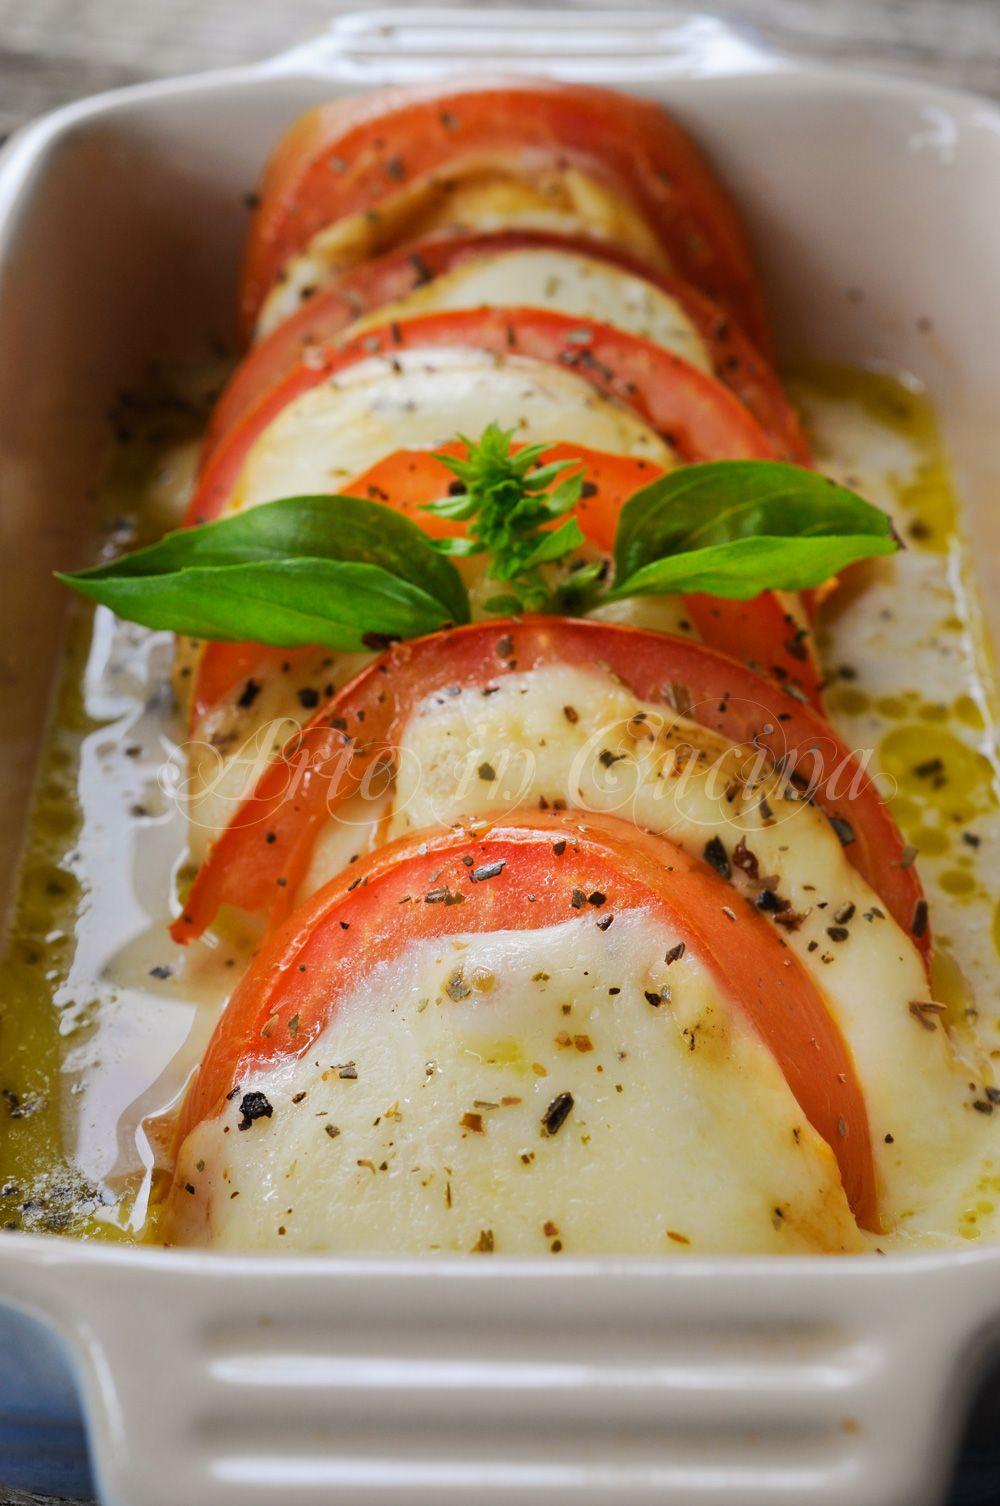 Ricetta Veloce Secondo.Caprese Al Forno Ricetta Secondo Veloce E Sfizioso Ricette Ricette Di Cucina Cucinare Le Verdure